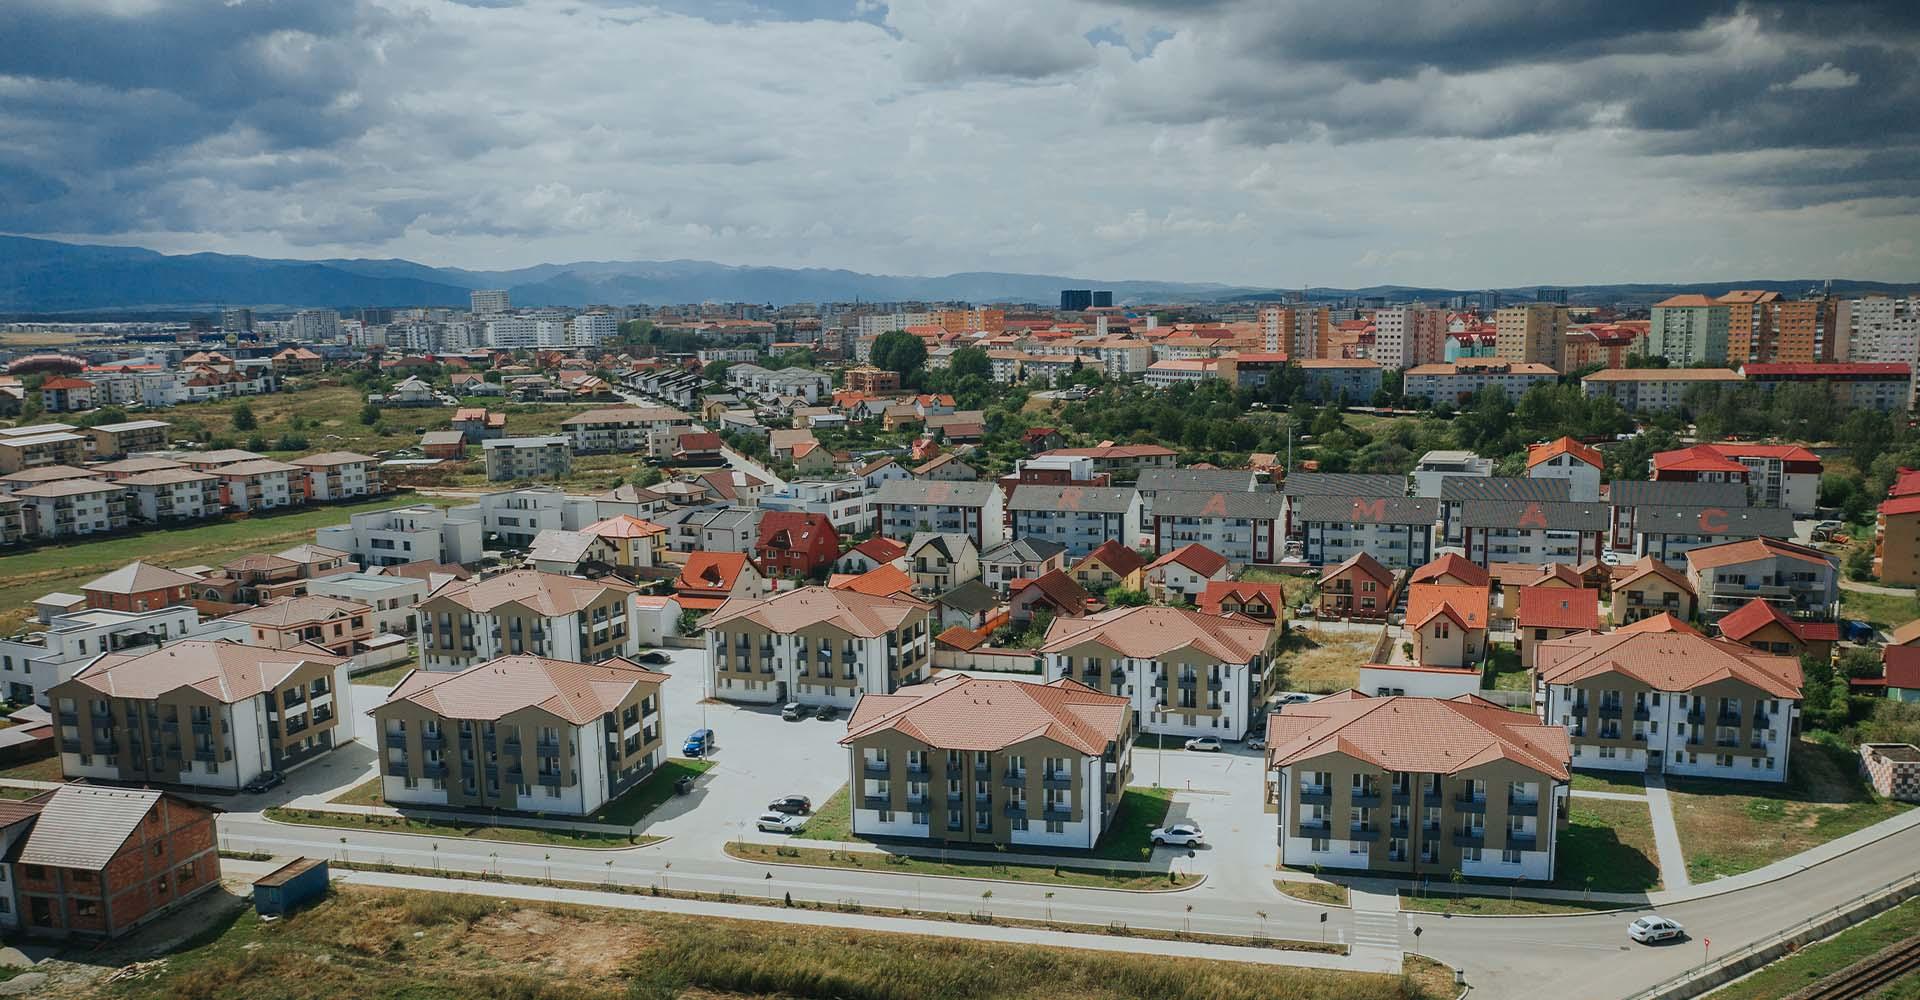 EBS Residence, Selimbar (168 Wohnungen)